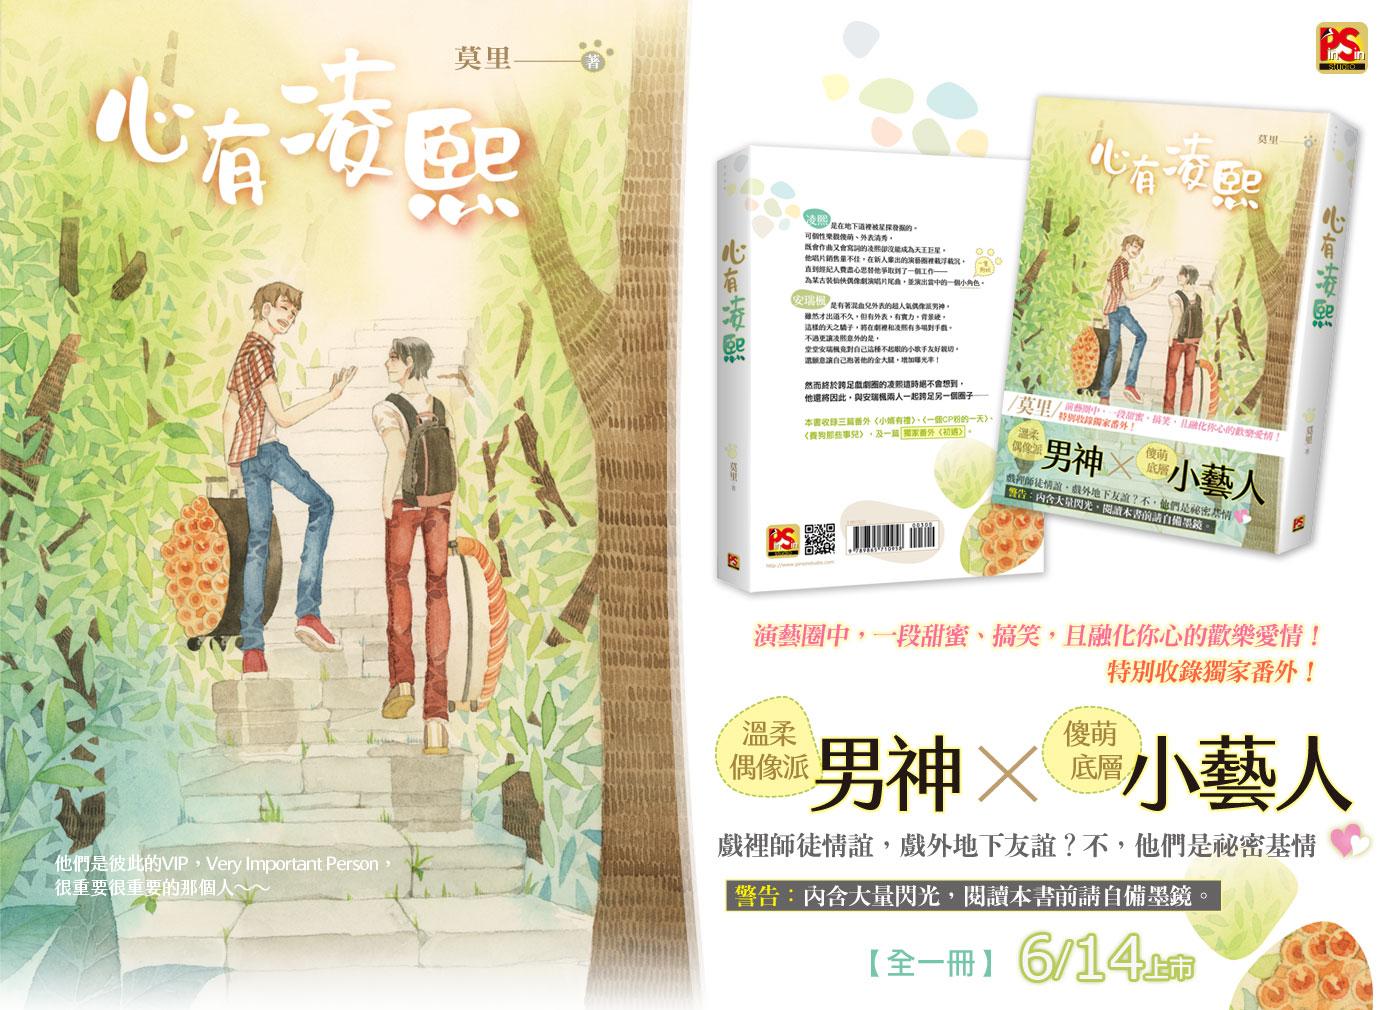 莫里作品《心有凌熙》6月1日上市